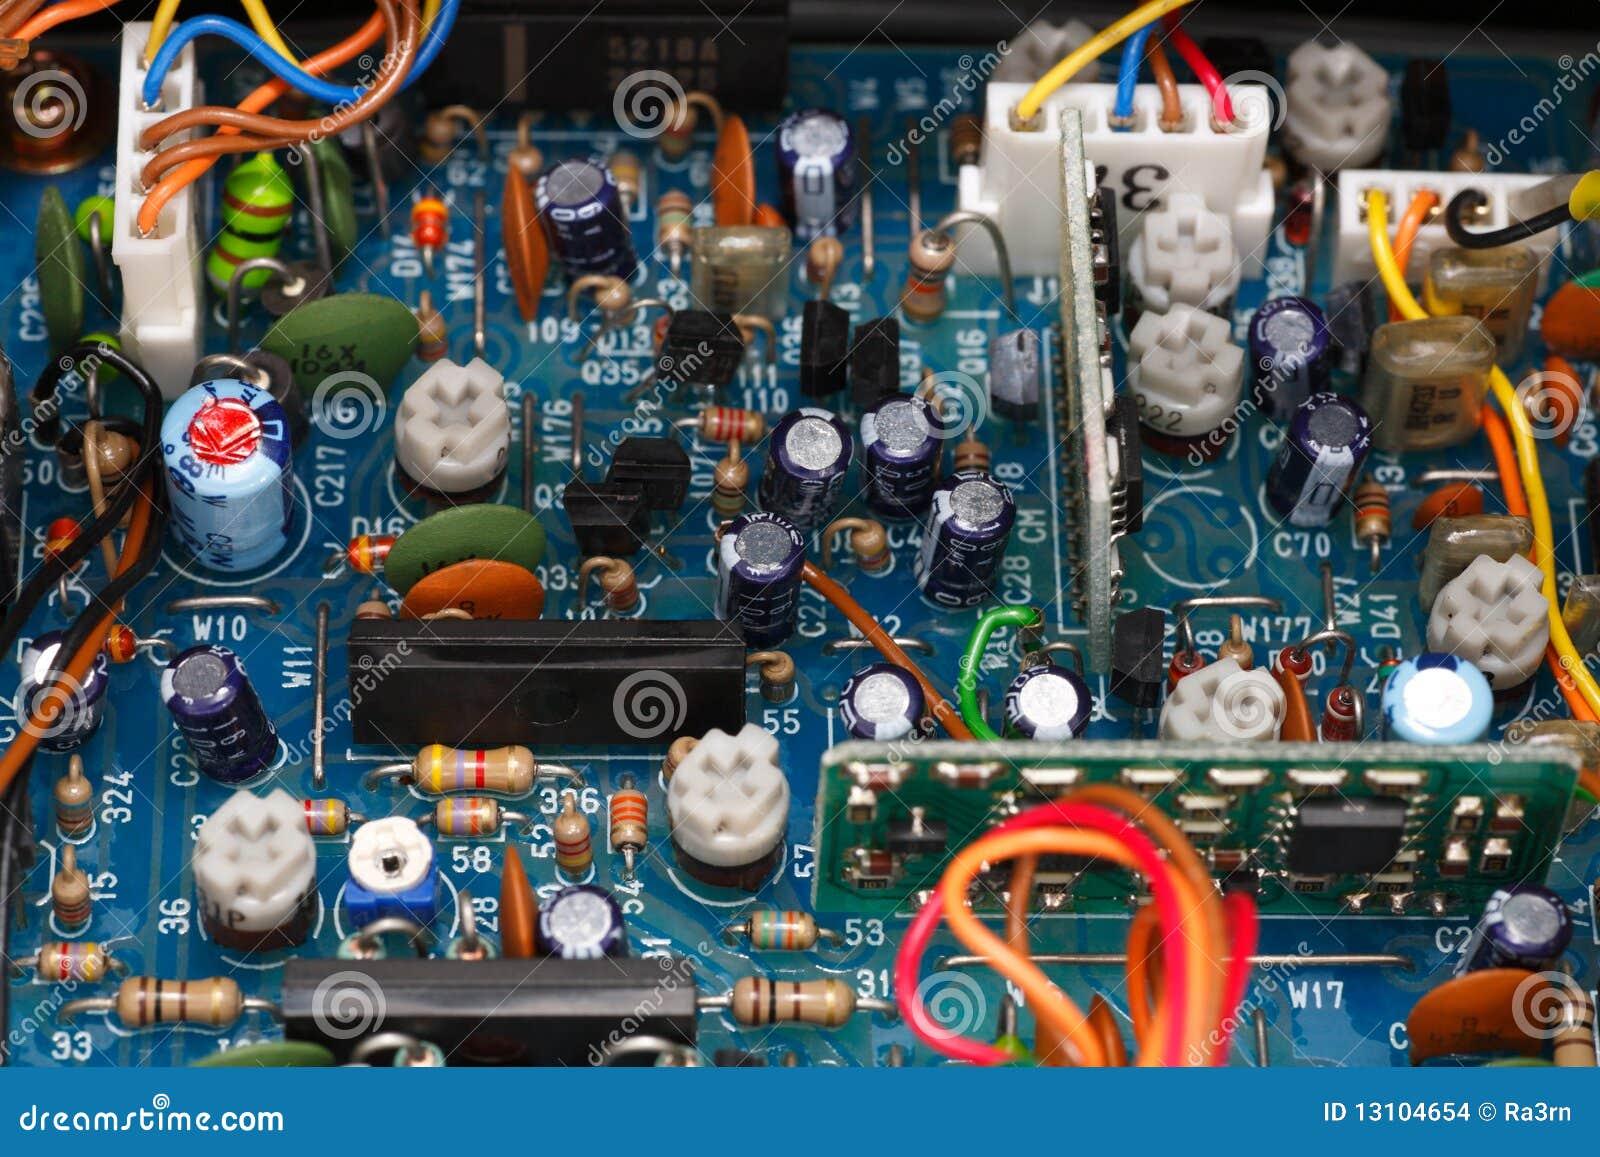 Placa eletrônica do transceptor